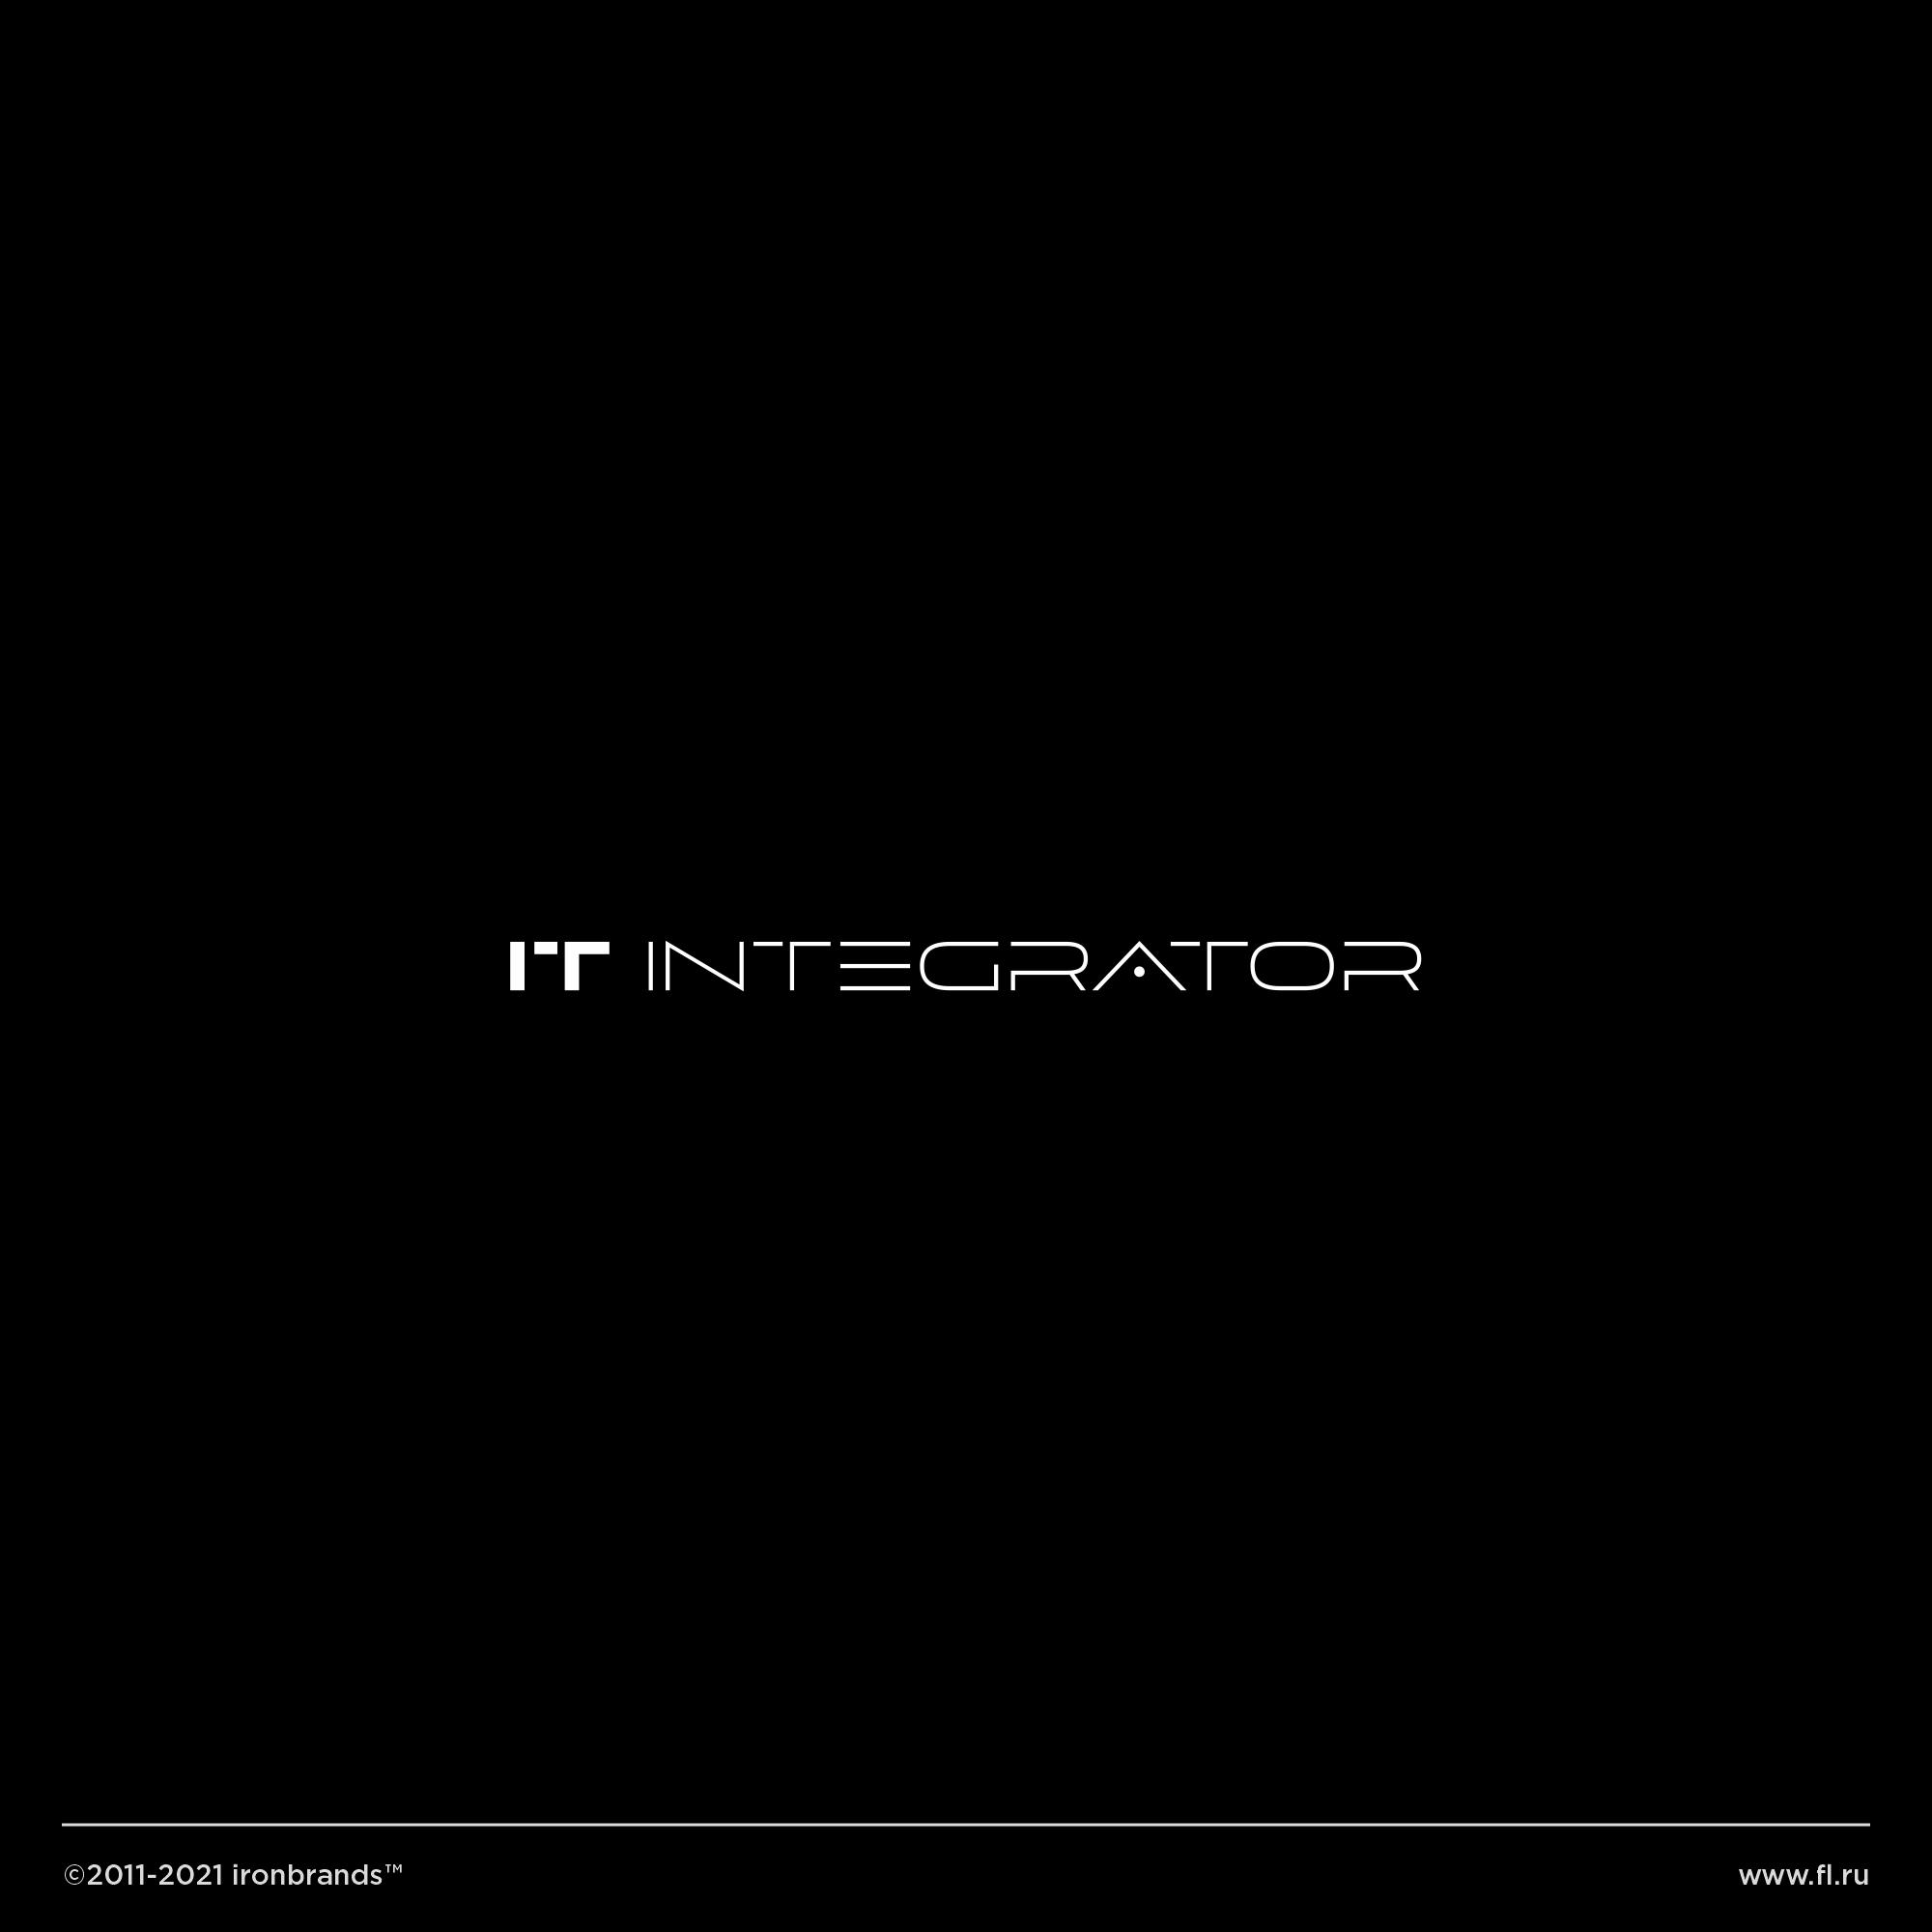 Логотип для IT интегратора фото f_1546149bf65a5a11.jpg